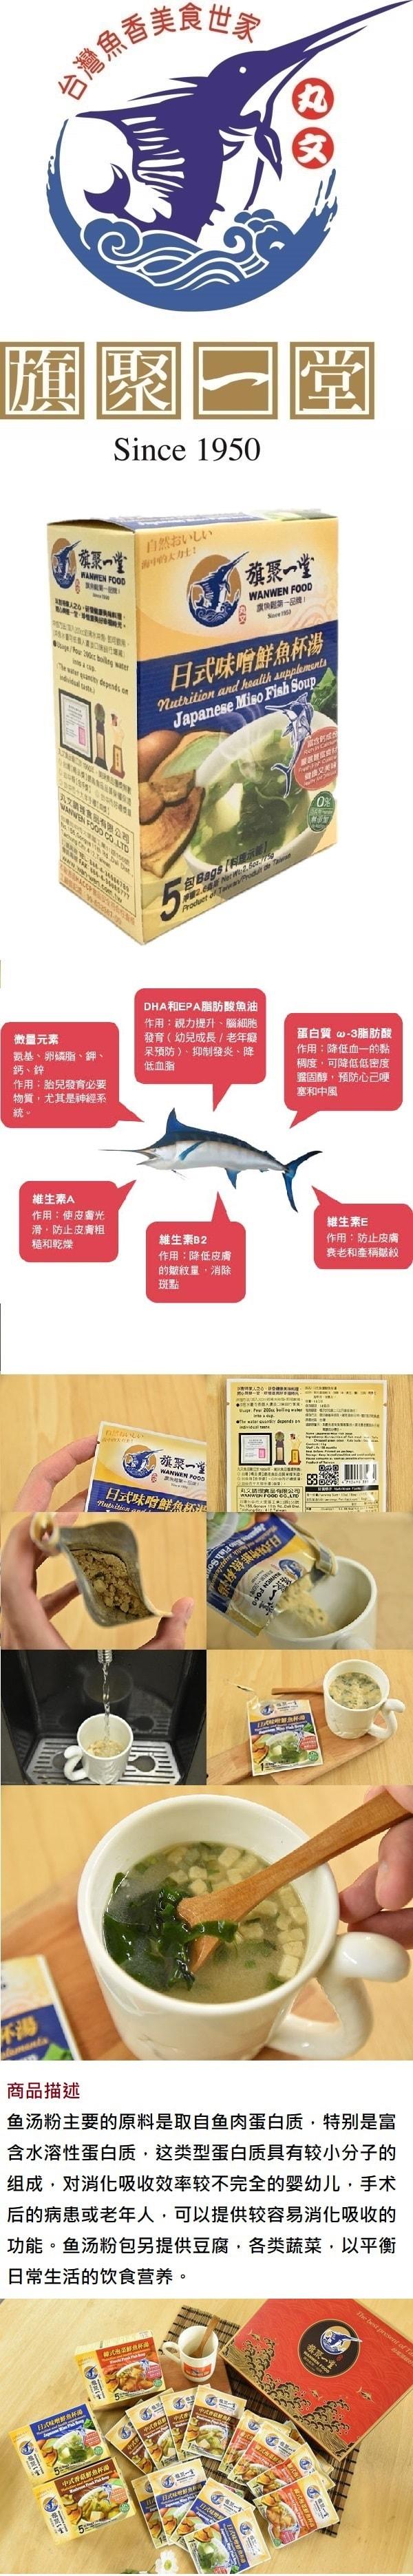 [台湾直邮]台湾丸文 旗聚一堂 鲜鱼杯汤 日式味噌 75g 5入